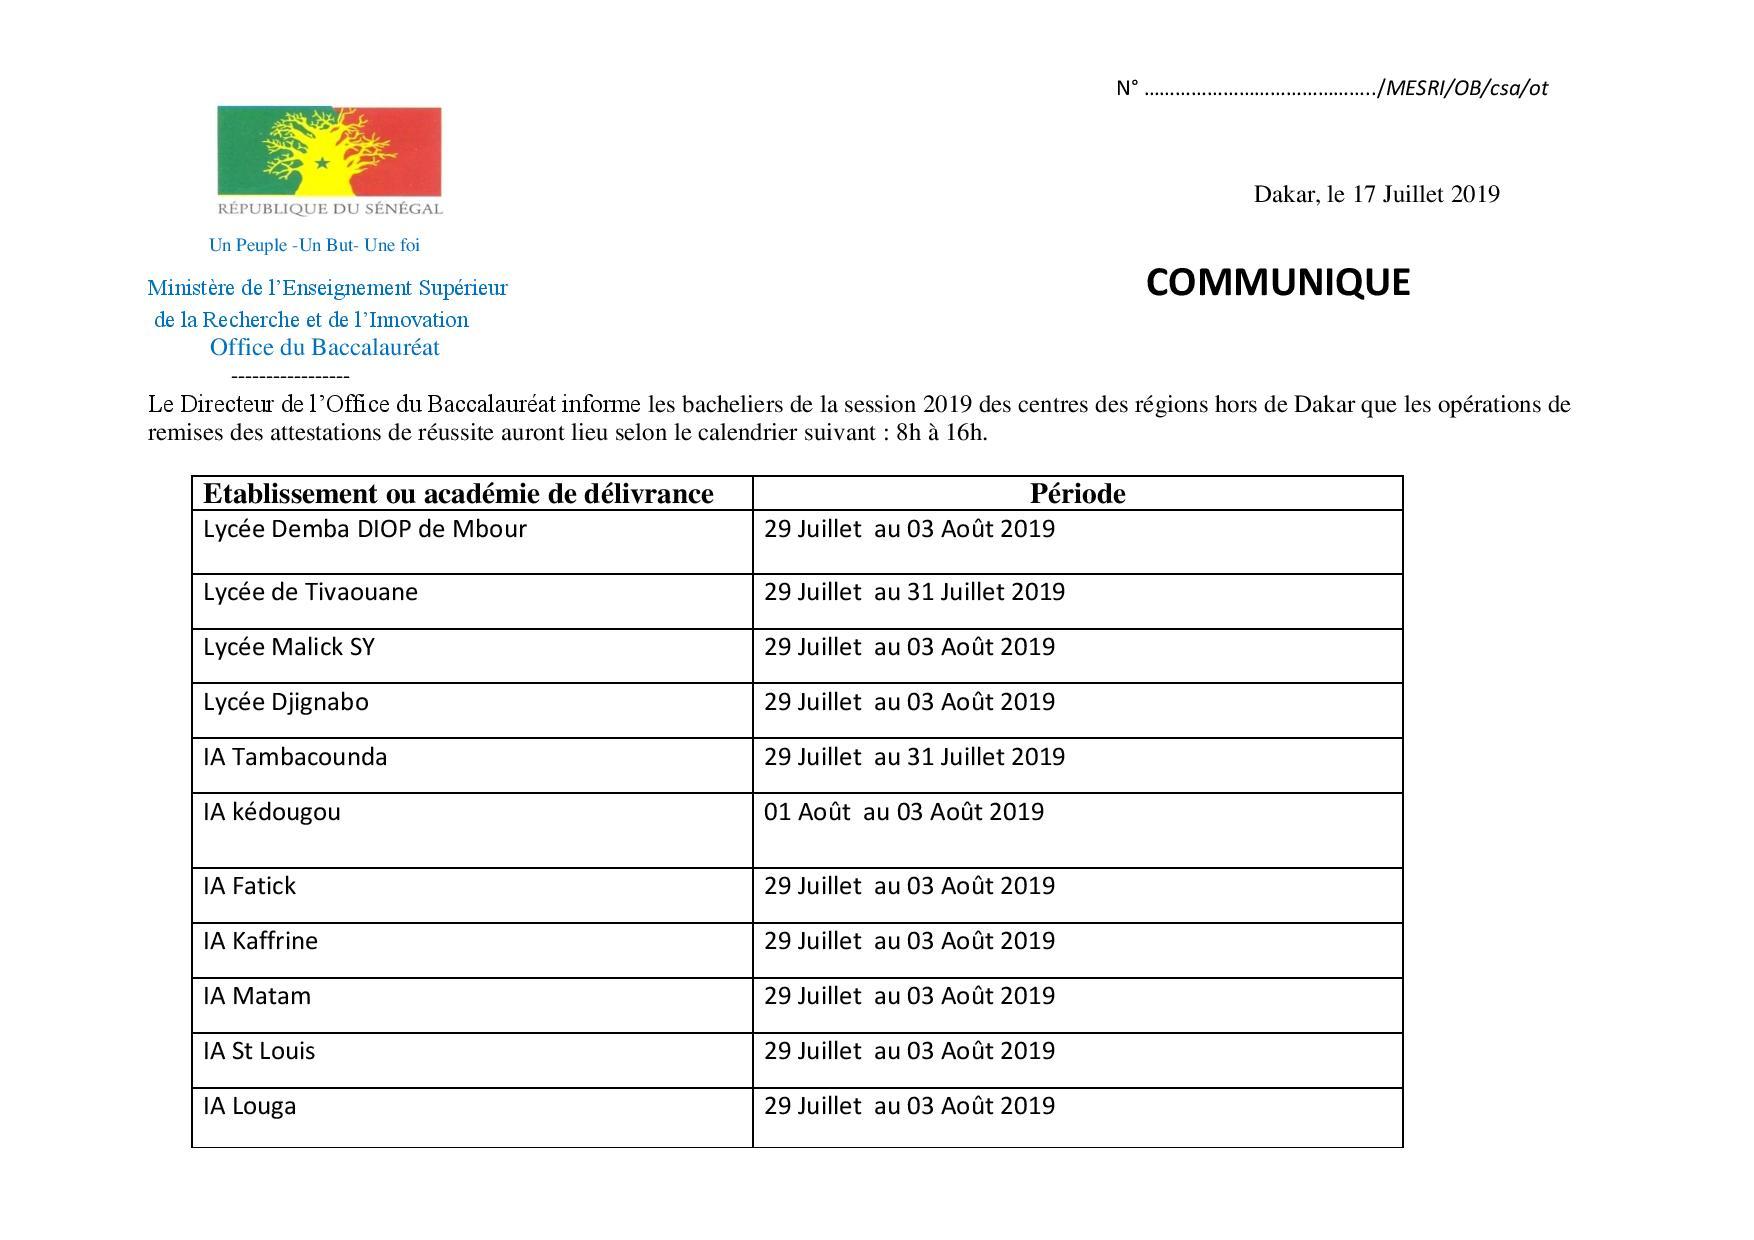 COMMUNIQUE 2 RETRAIT ATTESATION 2019 page 002 Calendrier de retrait des attestations du Bac dans les autres régions